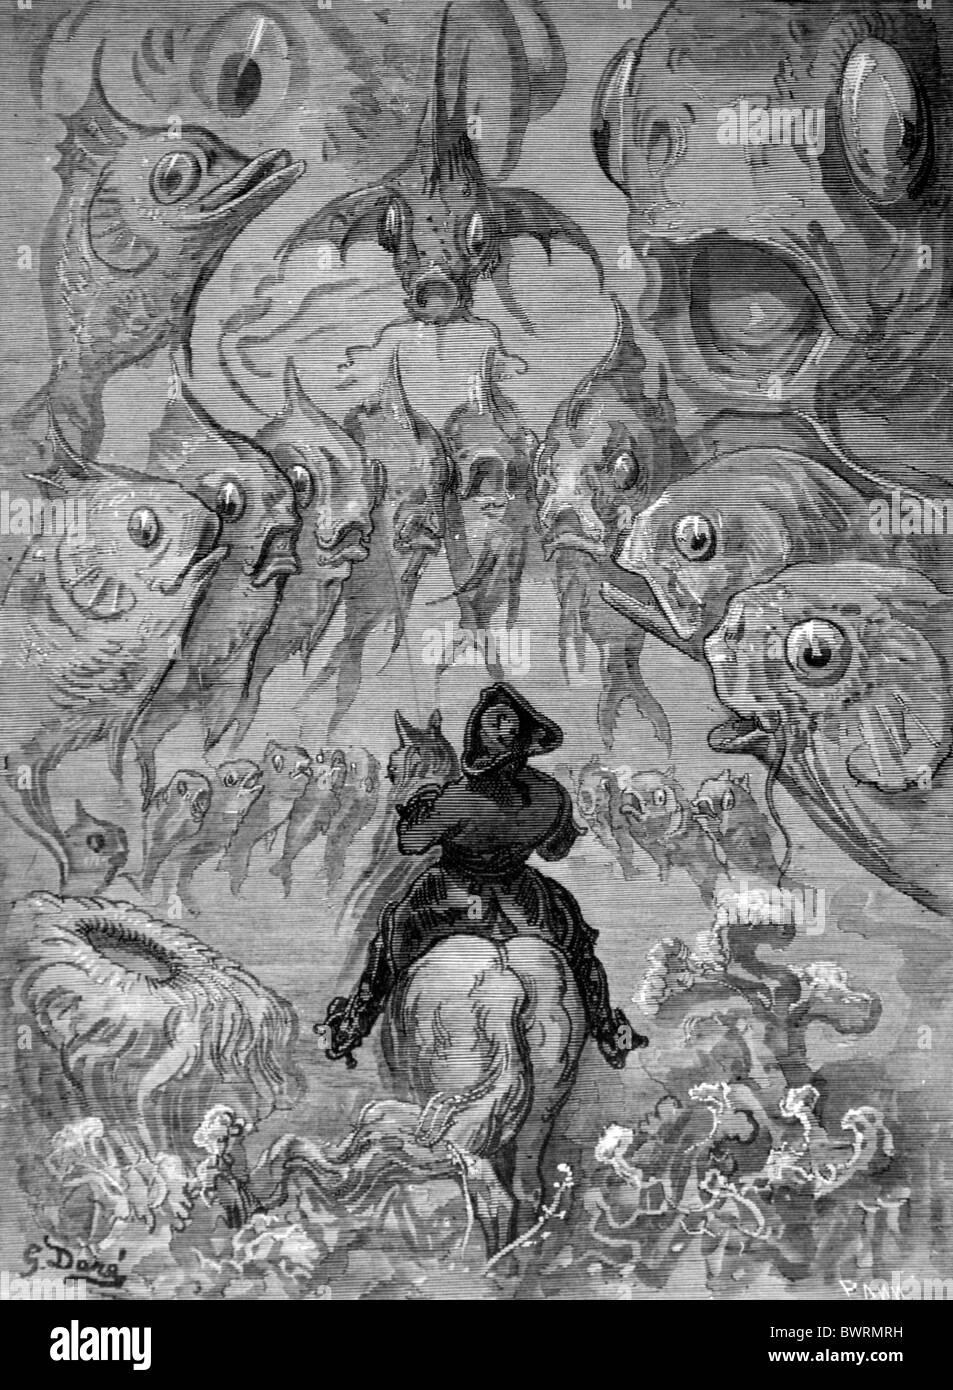 Gustave Doré; un mundo submarino (Historias del barón von Munchausen); grabado en blanco y negro Imagen De Stock